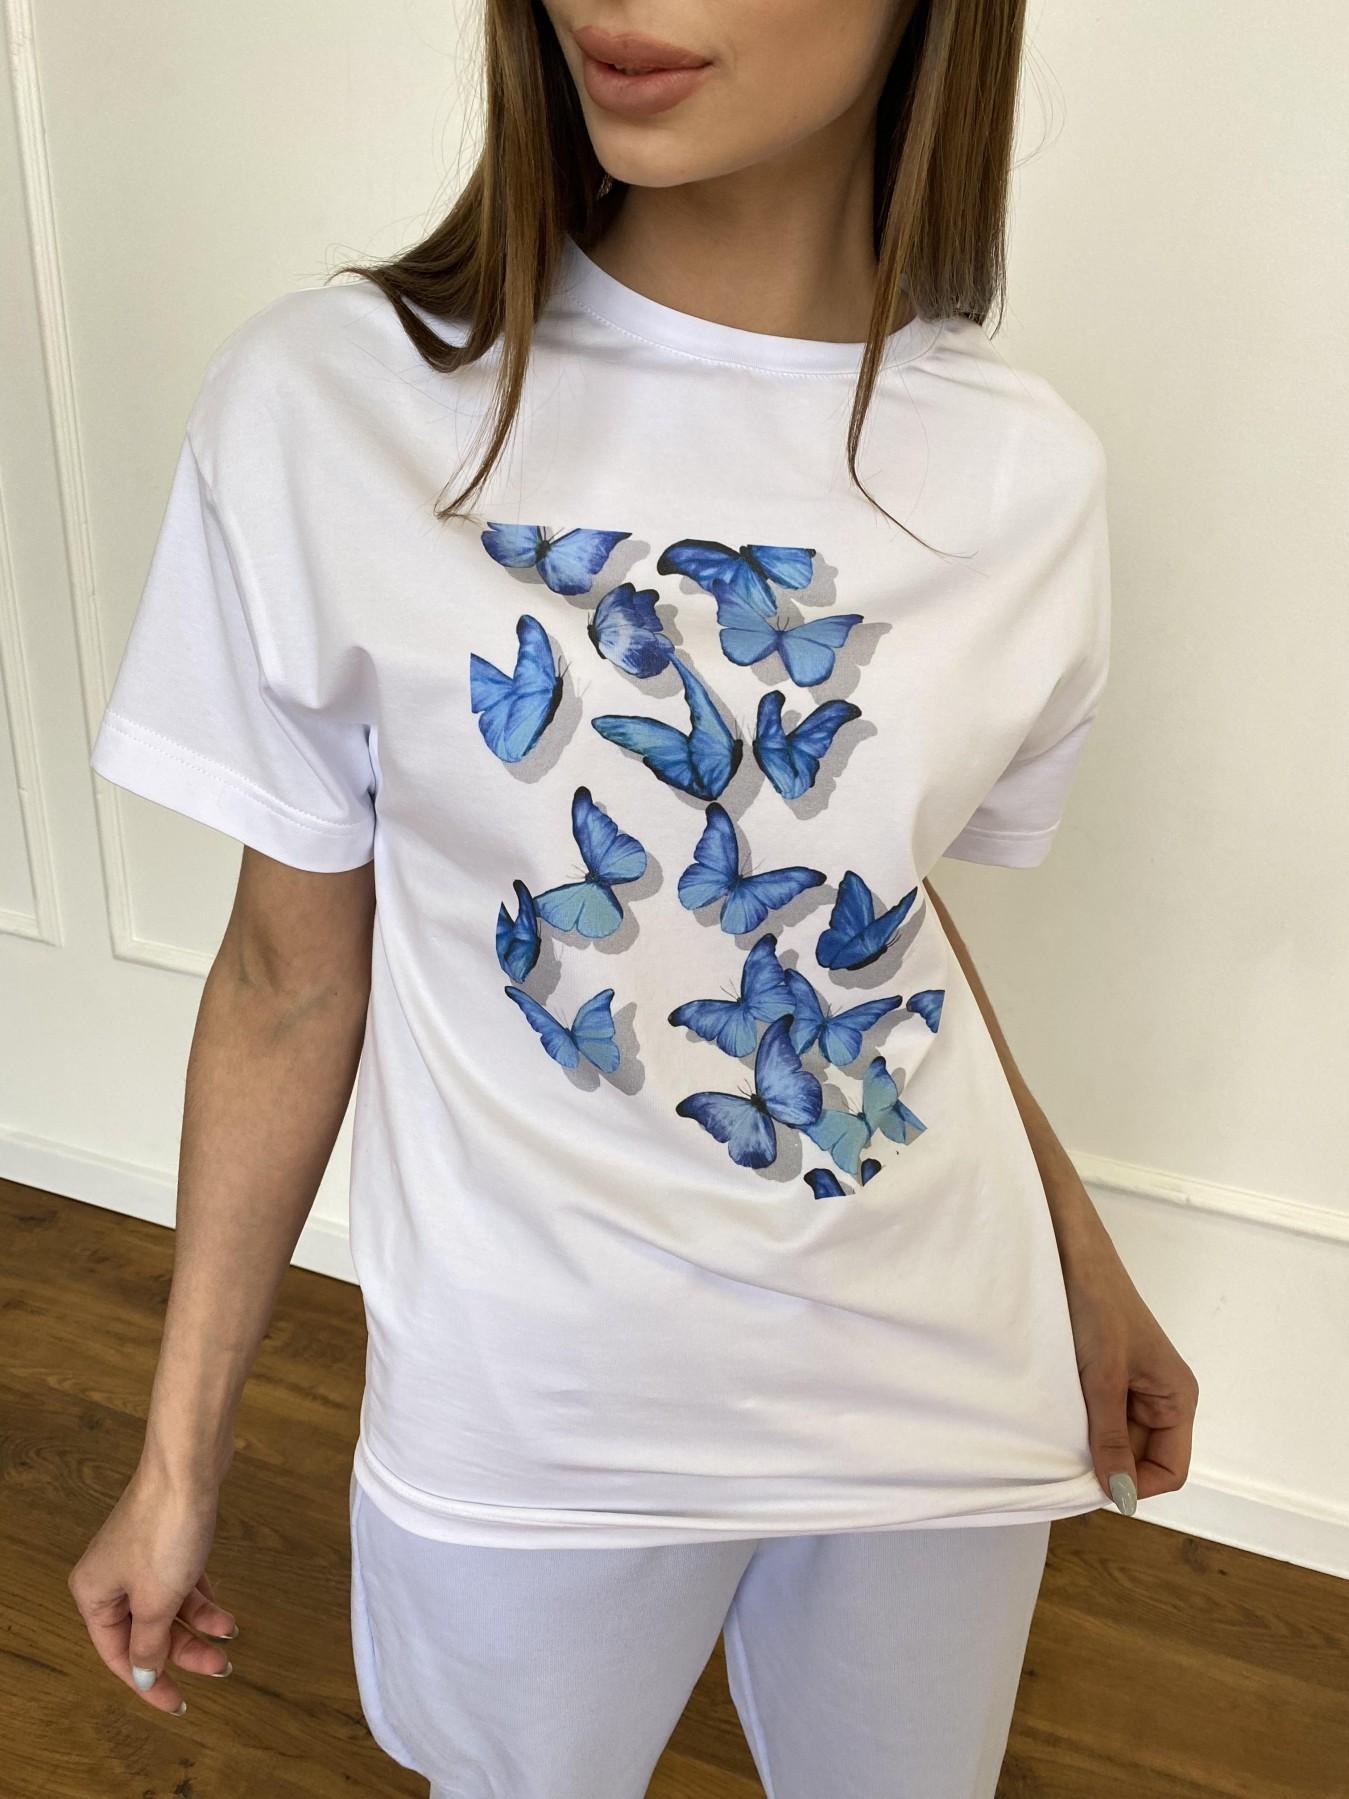 Бабочки футболка из вискозы однотонная хлопок 11232 АРТ. 47752 Цвет: Белый - фото 5, интернет магазин tm-modus.ru